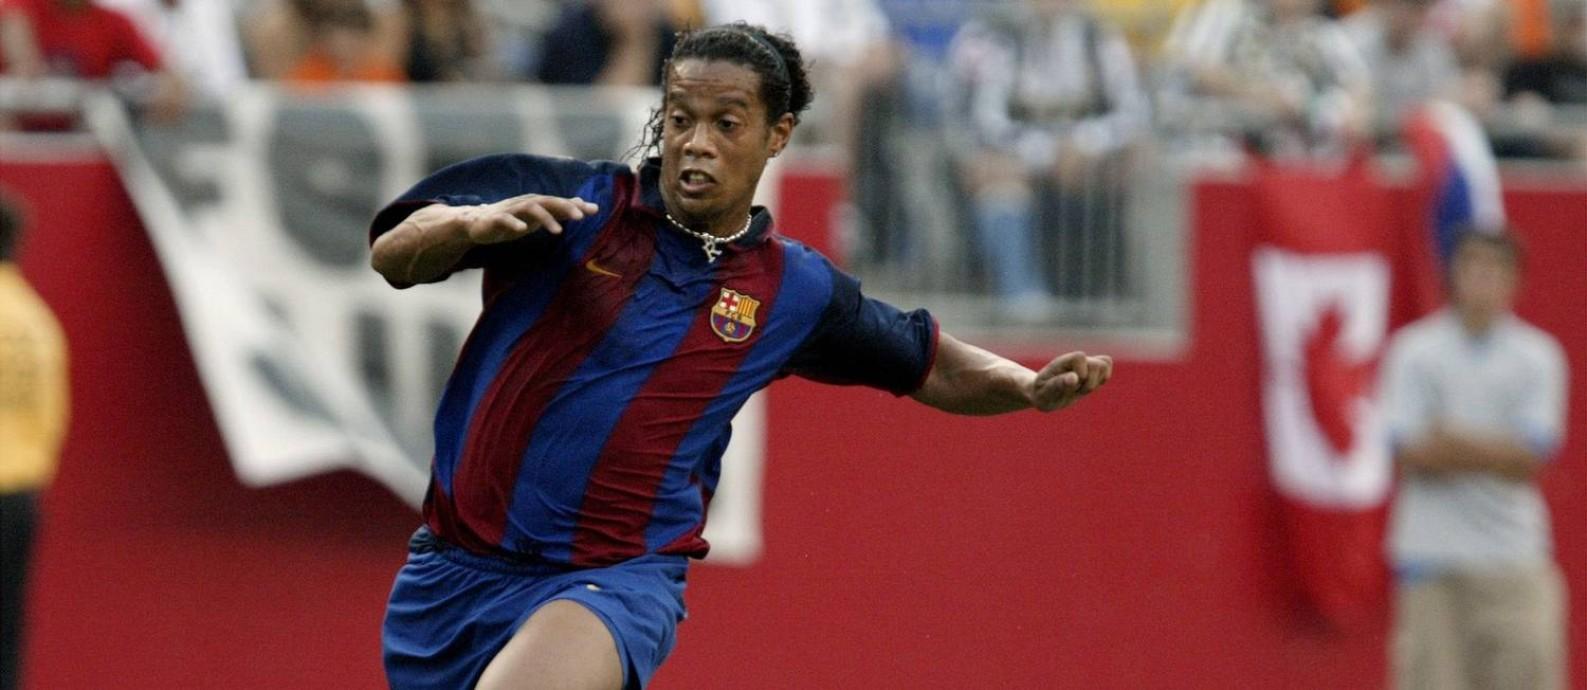 Neymar Faz Caminho Inverso De Ronaldinho Gaúcho, Que Mudou